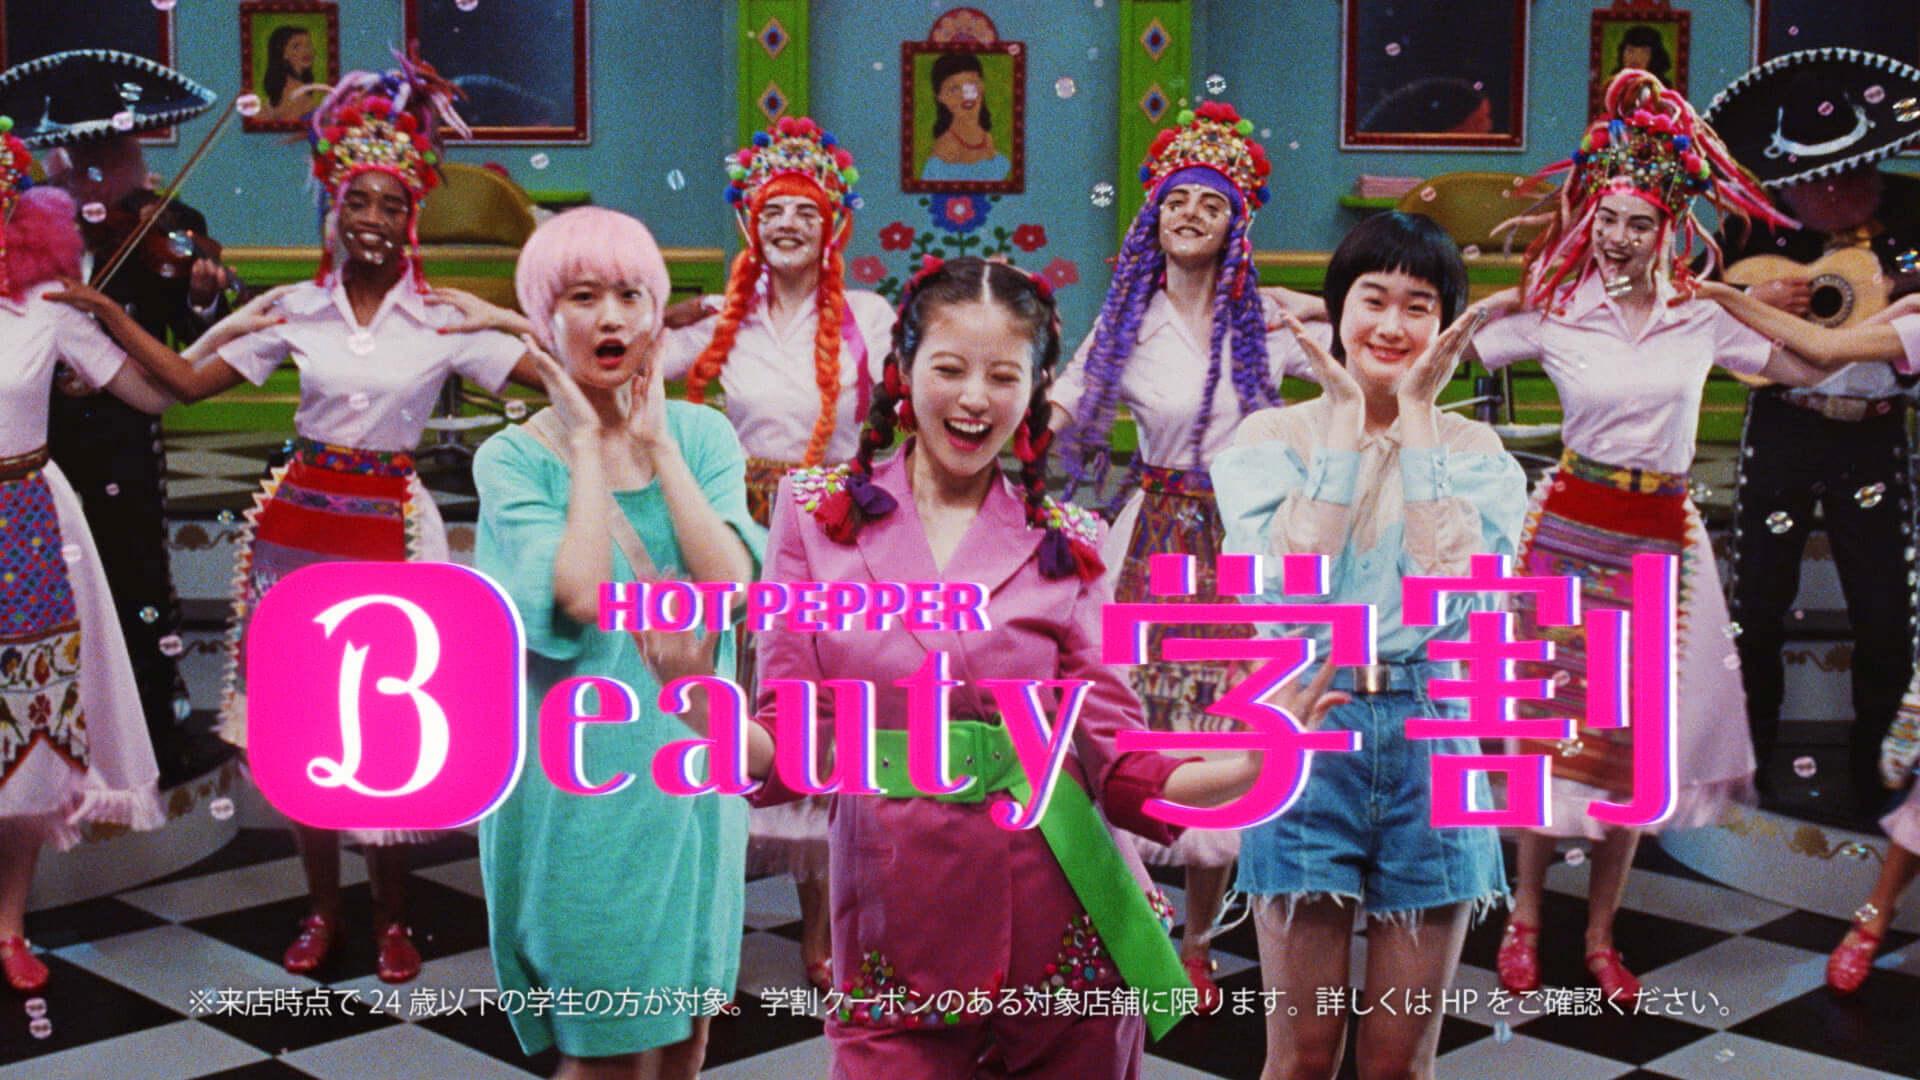 今田美桜がミュージカル風CMで不得意なダンスを披露!?メイキング&インタビュー映像も公開 life190726_imadamio_cm_10-1920x1080